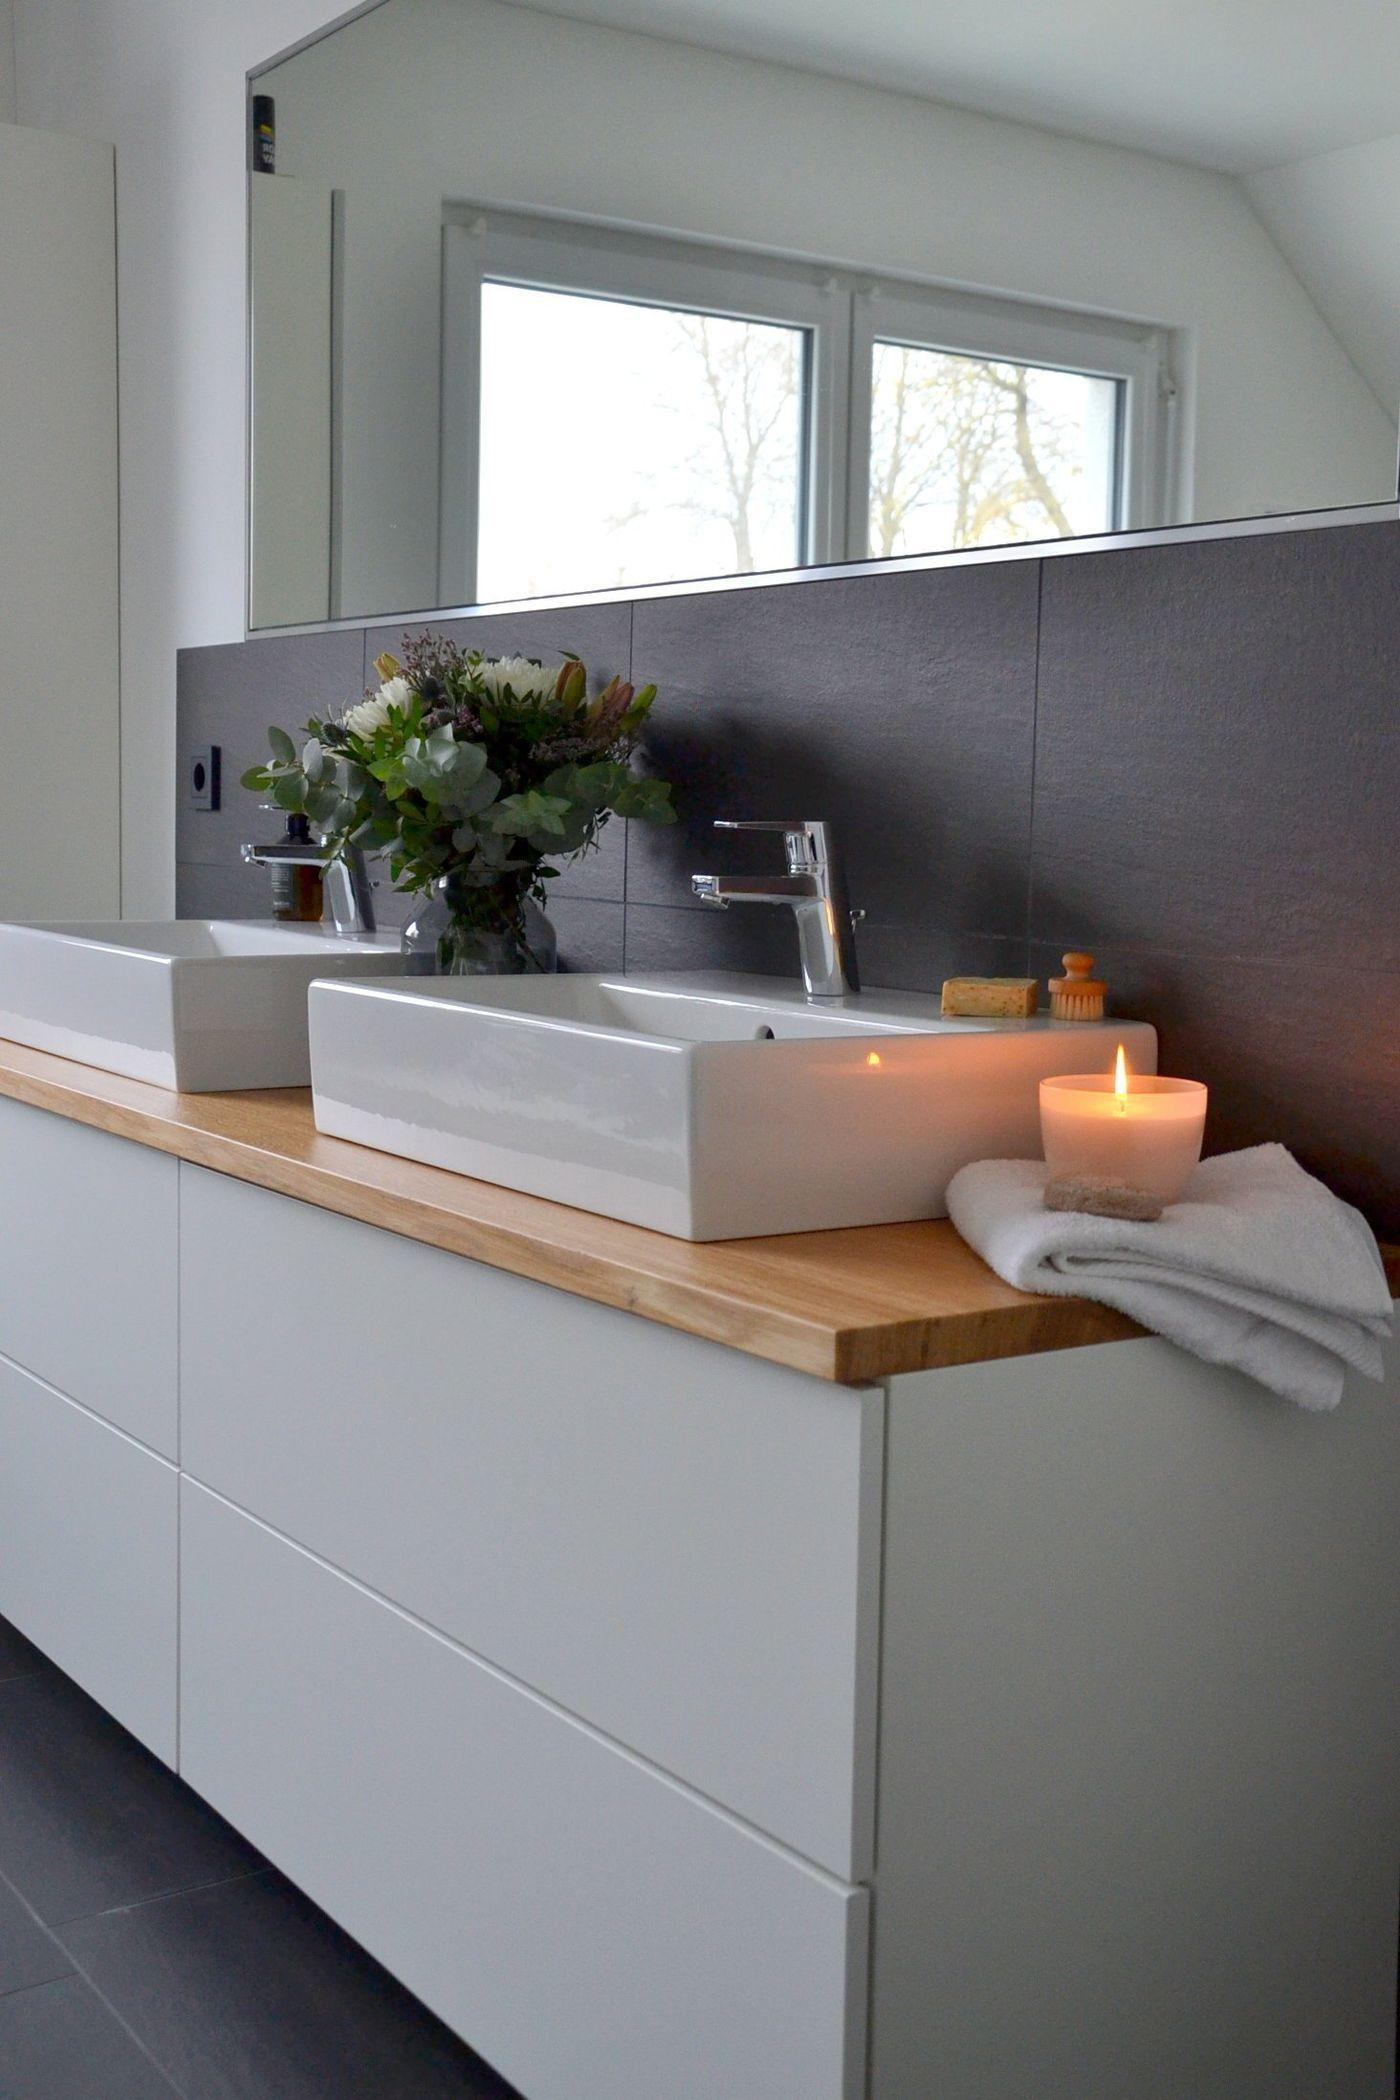 Bad Modern Bad Fliesenbad Modern In 2020 Badezimmer Ideen Ikea Badezimmer Ikea